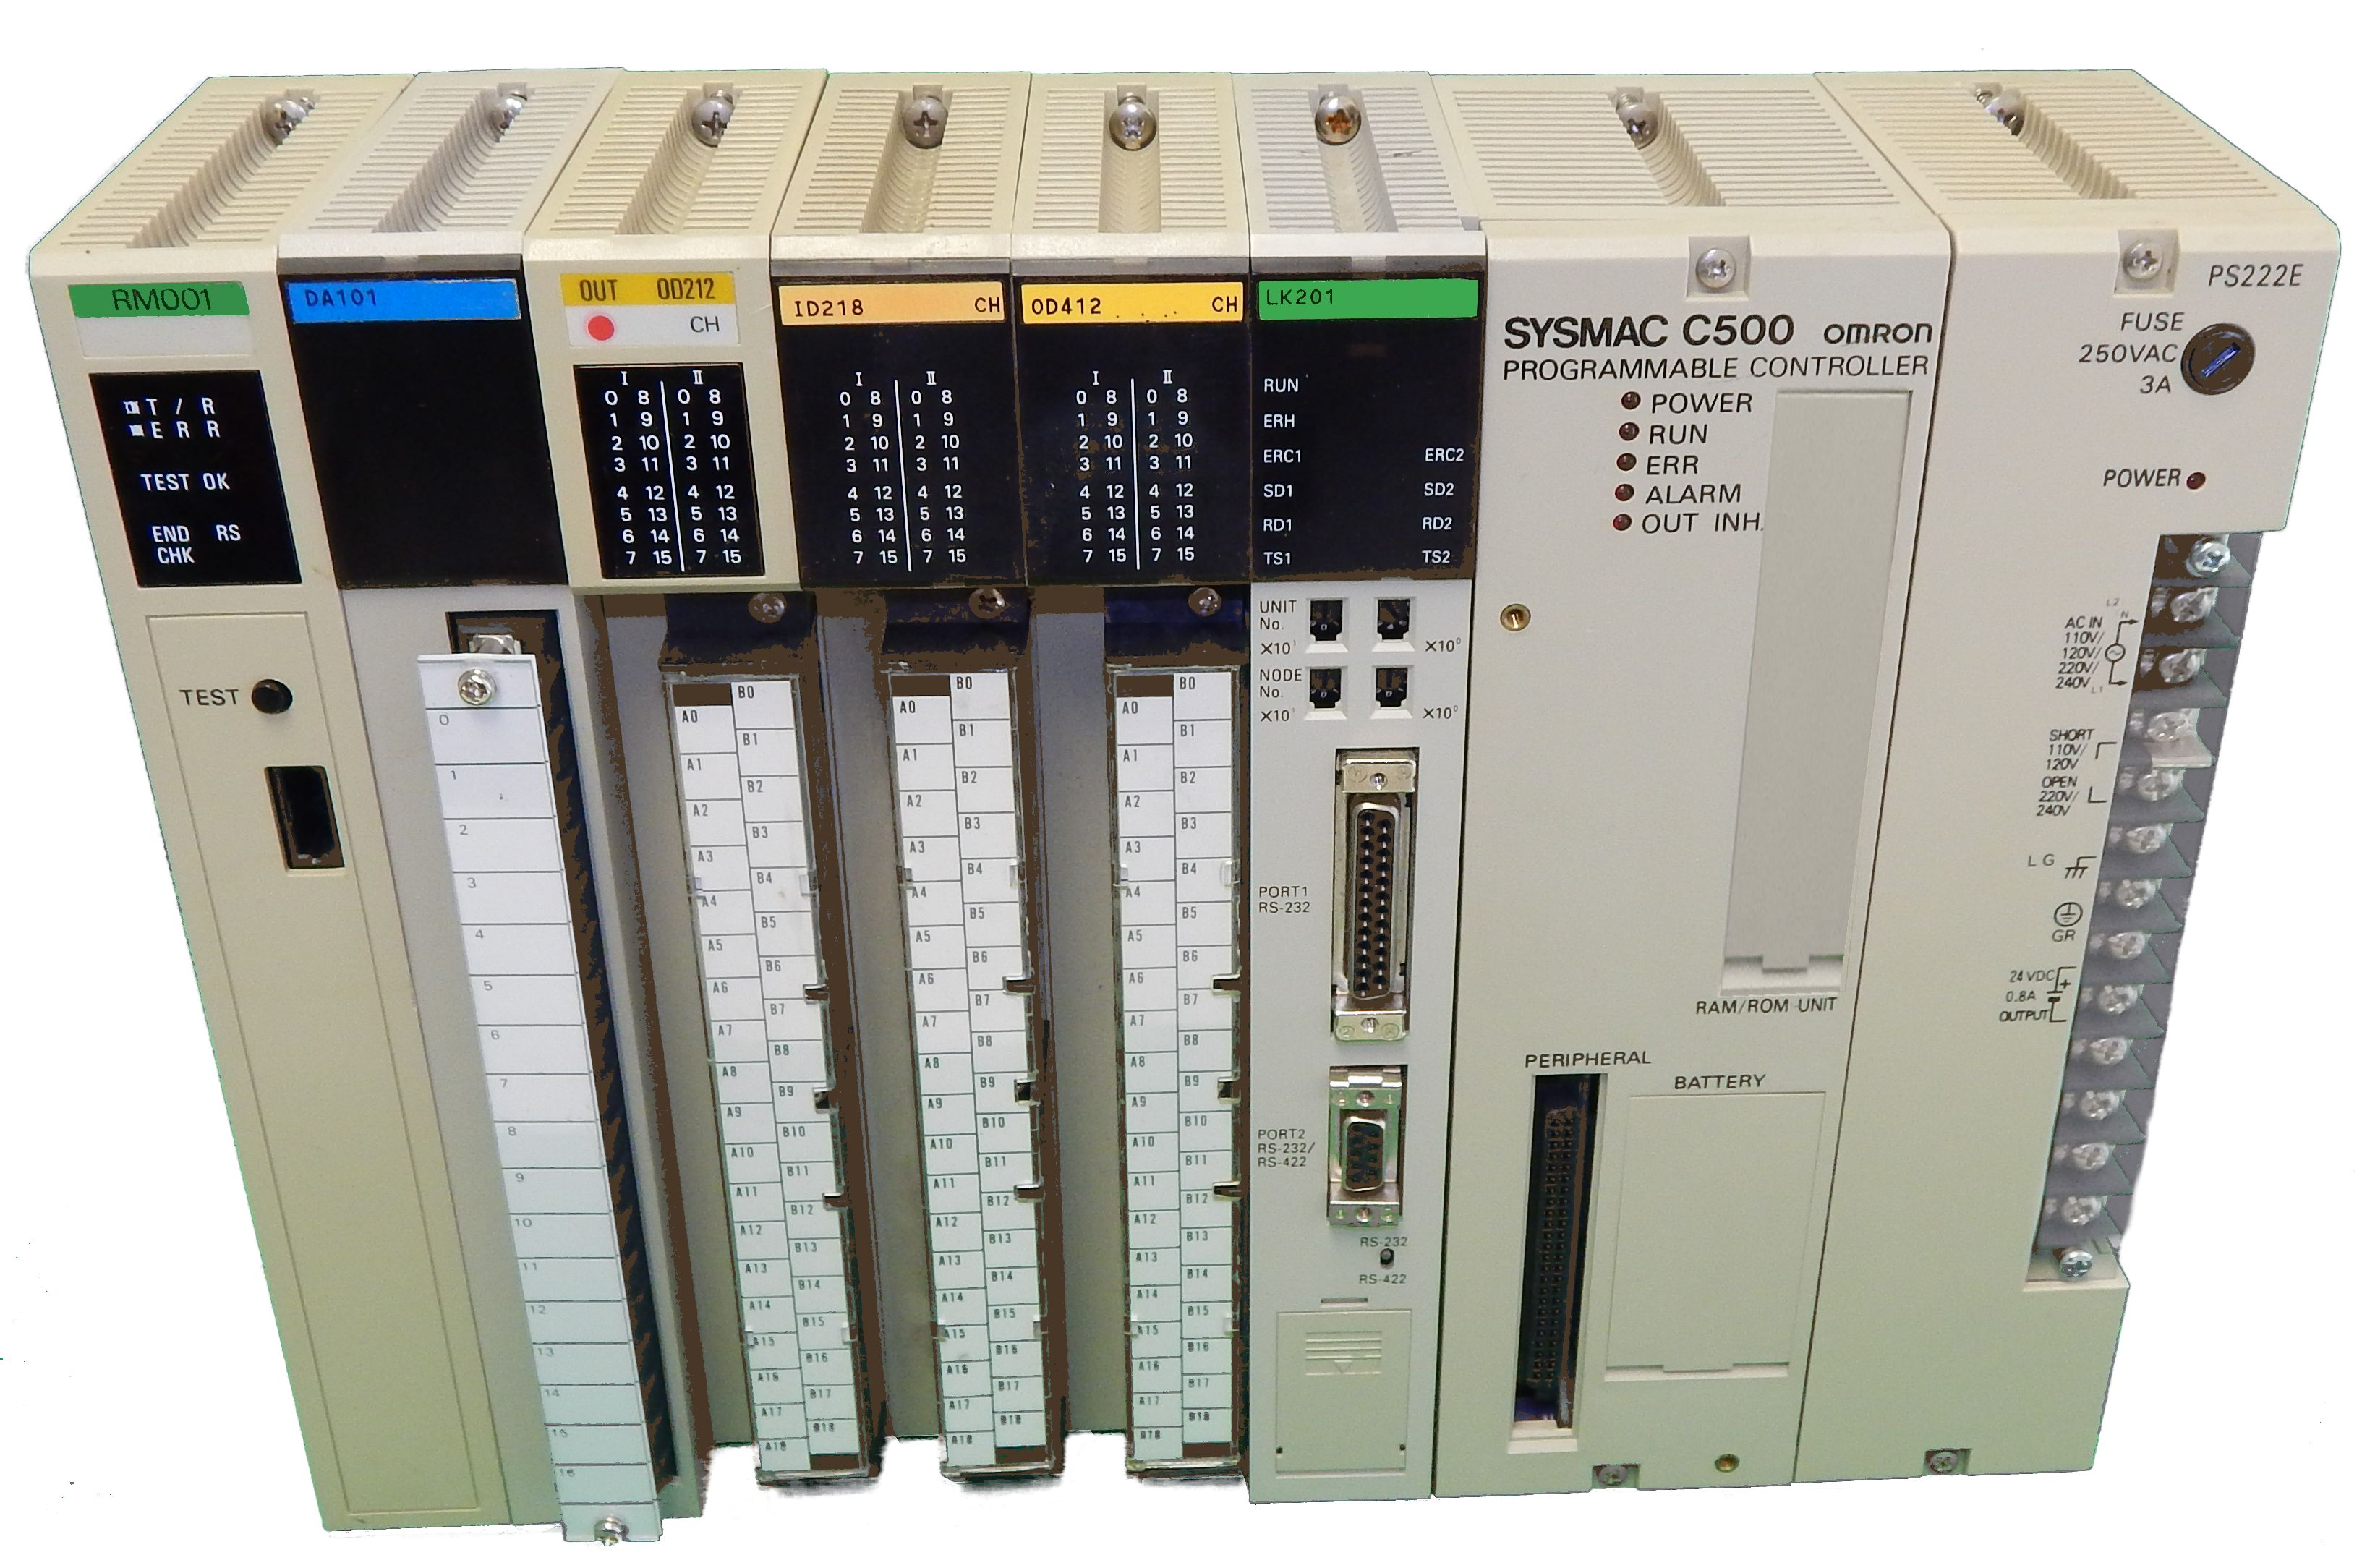 3G2C5-BC001